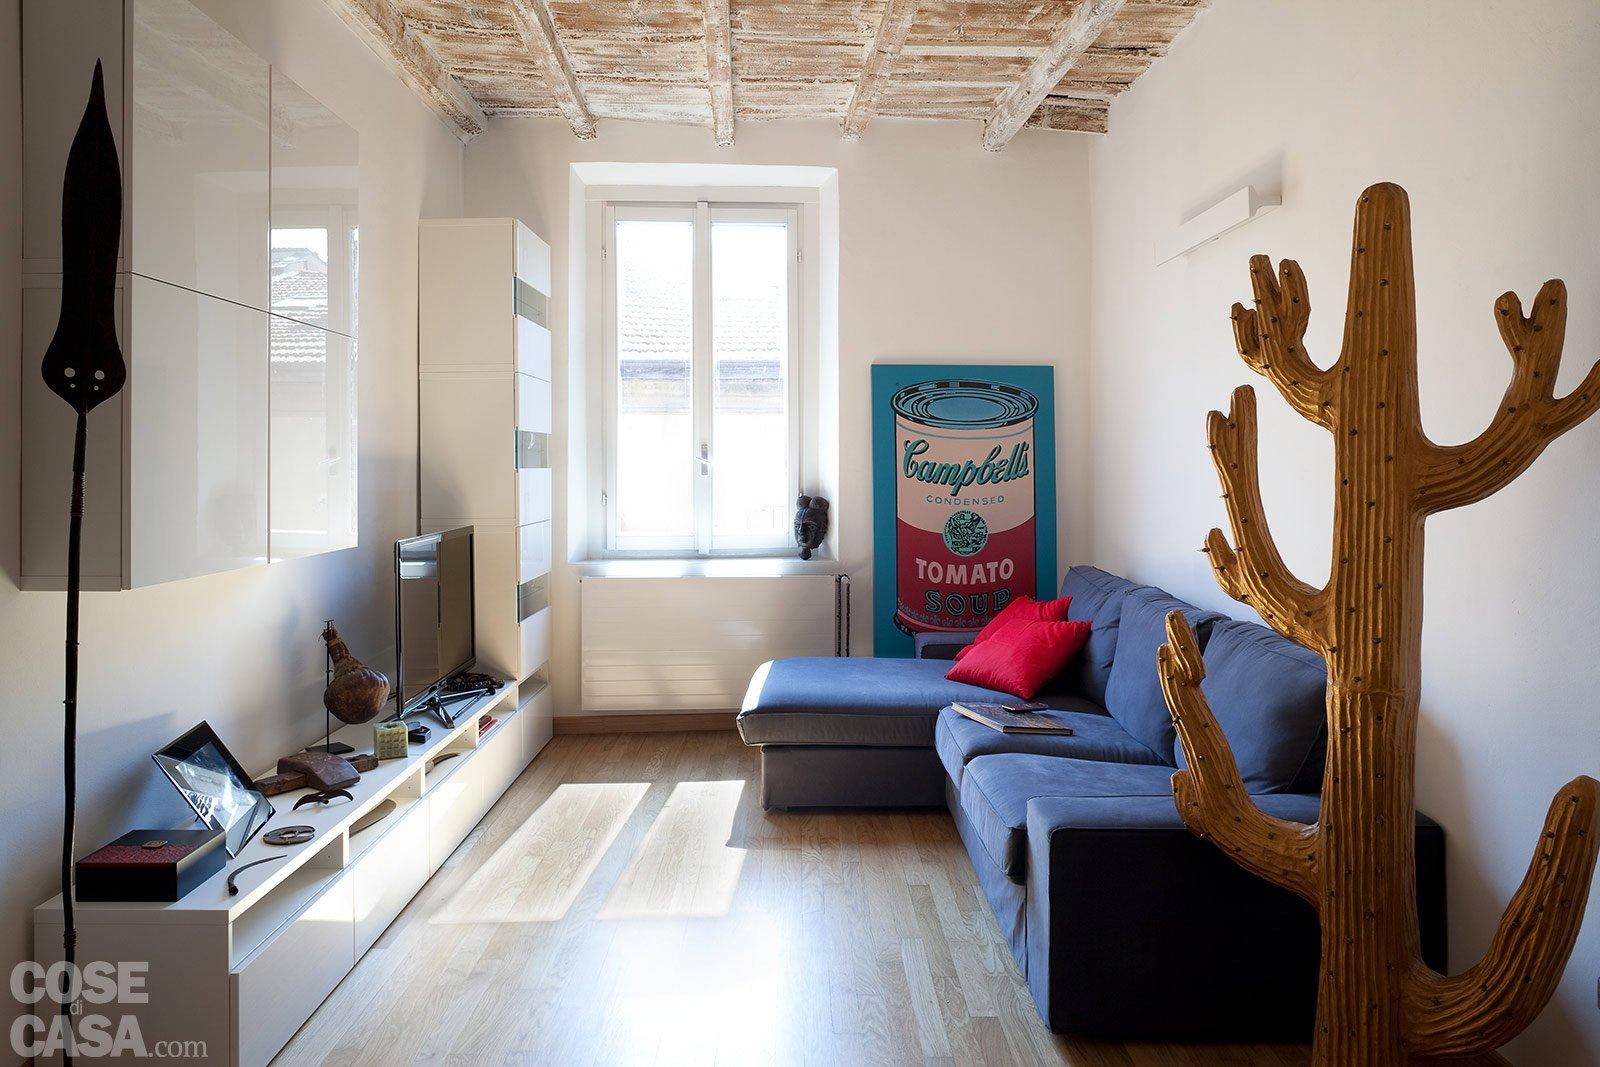 Casabook immobiliare una casa stretta e lunga che ottimizza lo spazio - Come si vende una casa ...